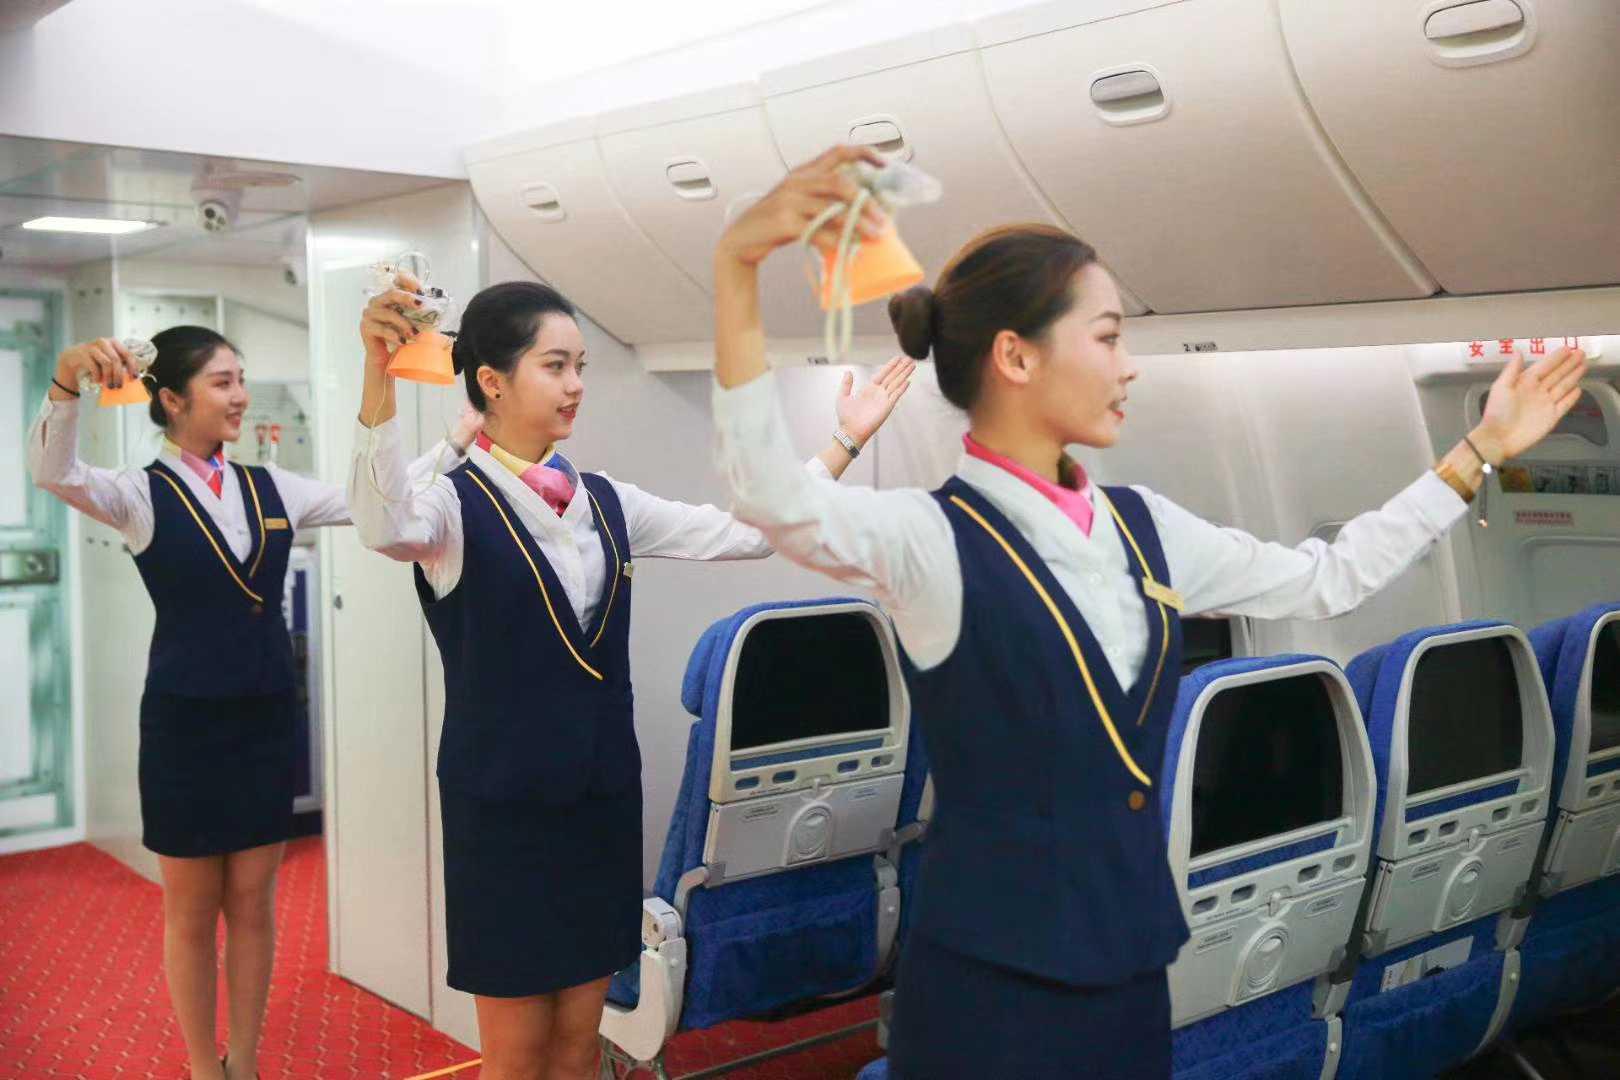 航空服务专业学子课堂